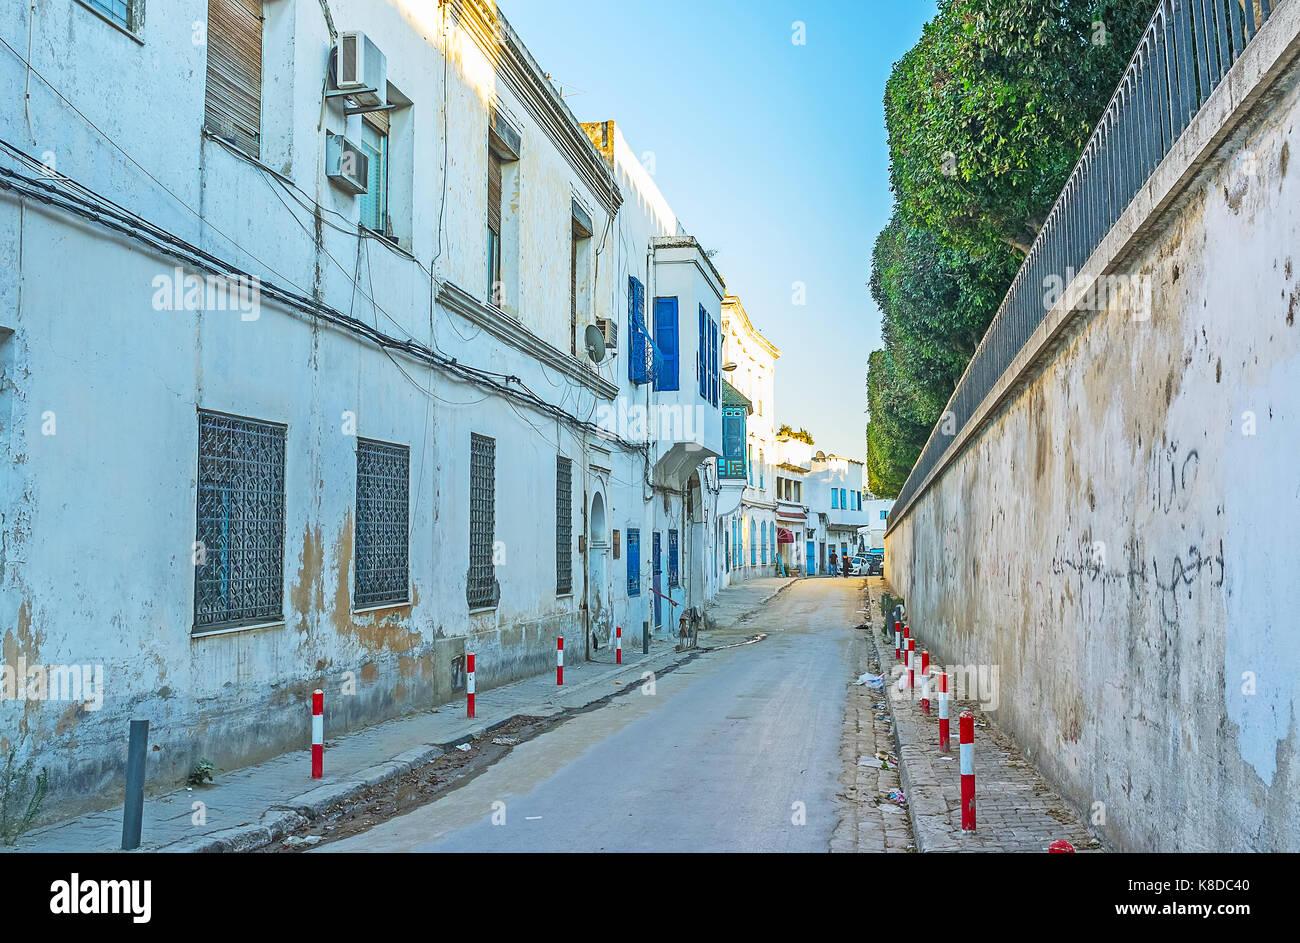 Die Bab Menara Boulevard ist die Grenze, zwischen Medina und einen neueren Gegenden der Stadt, Tunis, Tunesien. Stockbild